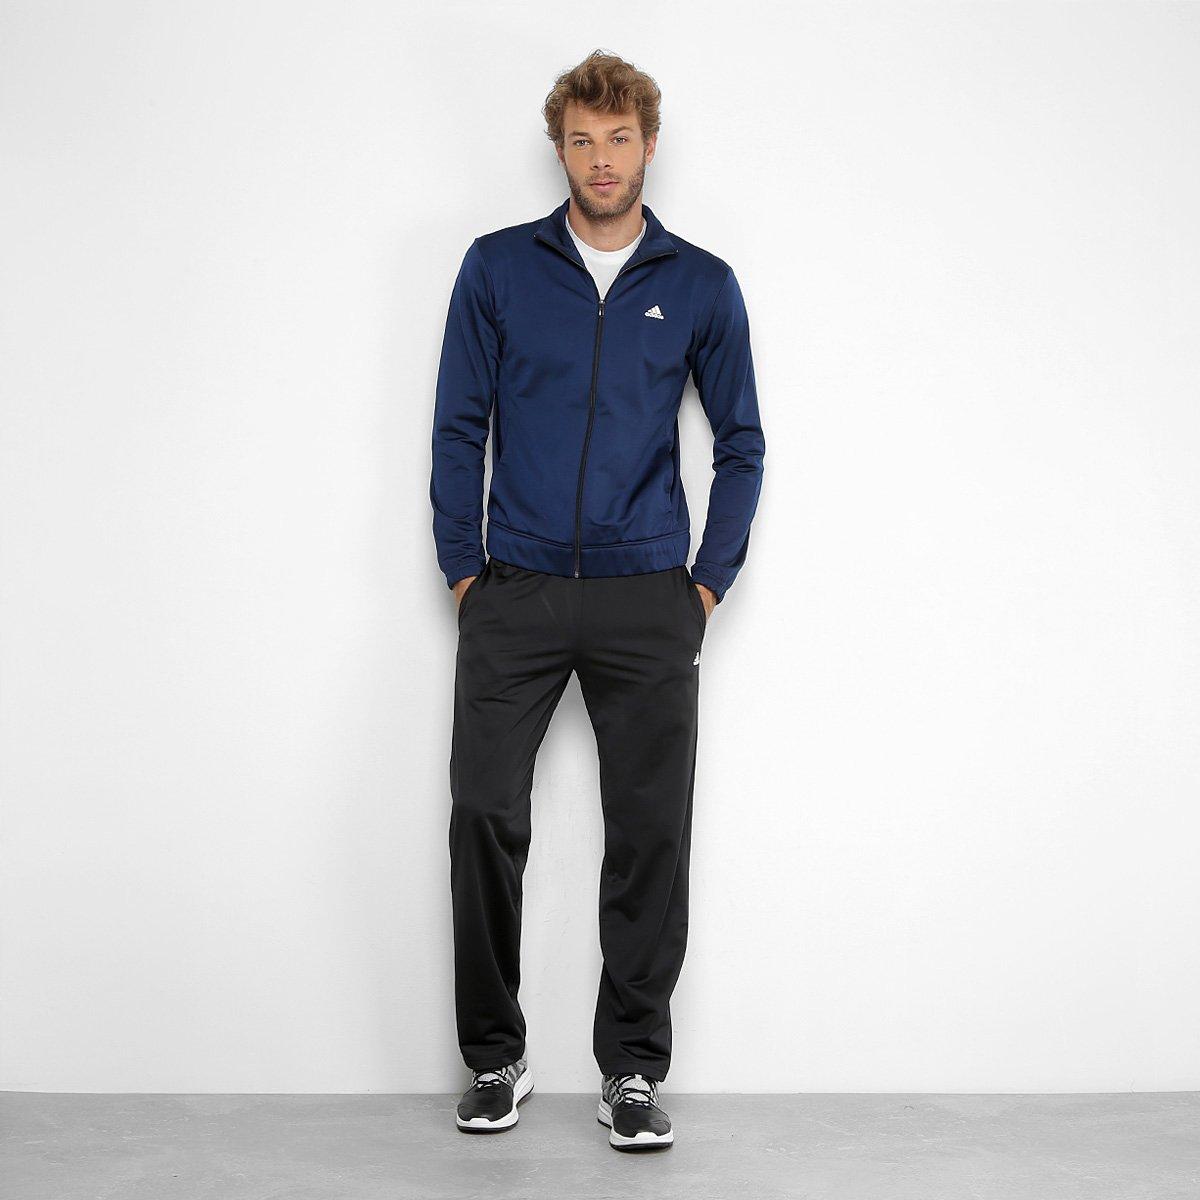 6136939616 Agasalho Adidas Detalhe Logo WTS Lin Hood Feminino. A partir de. 18.200  Pontos. FornecedorZattini. Agasalho Adidas Ep Masculino